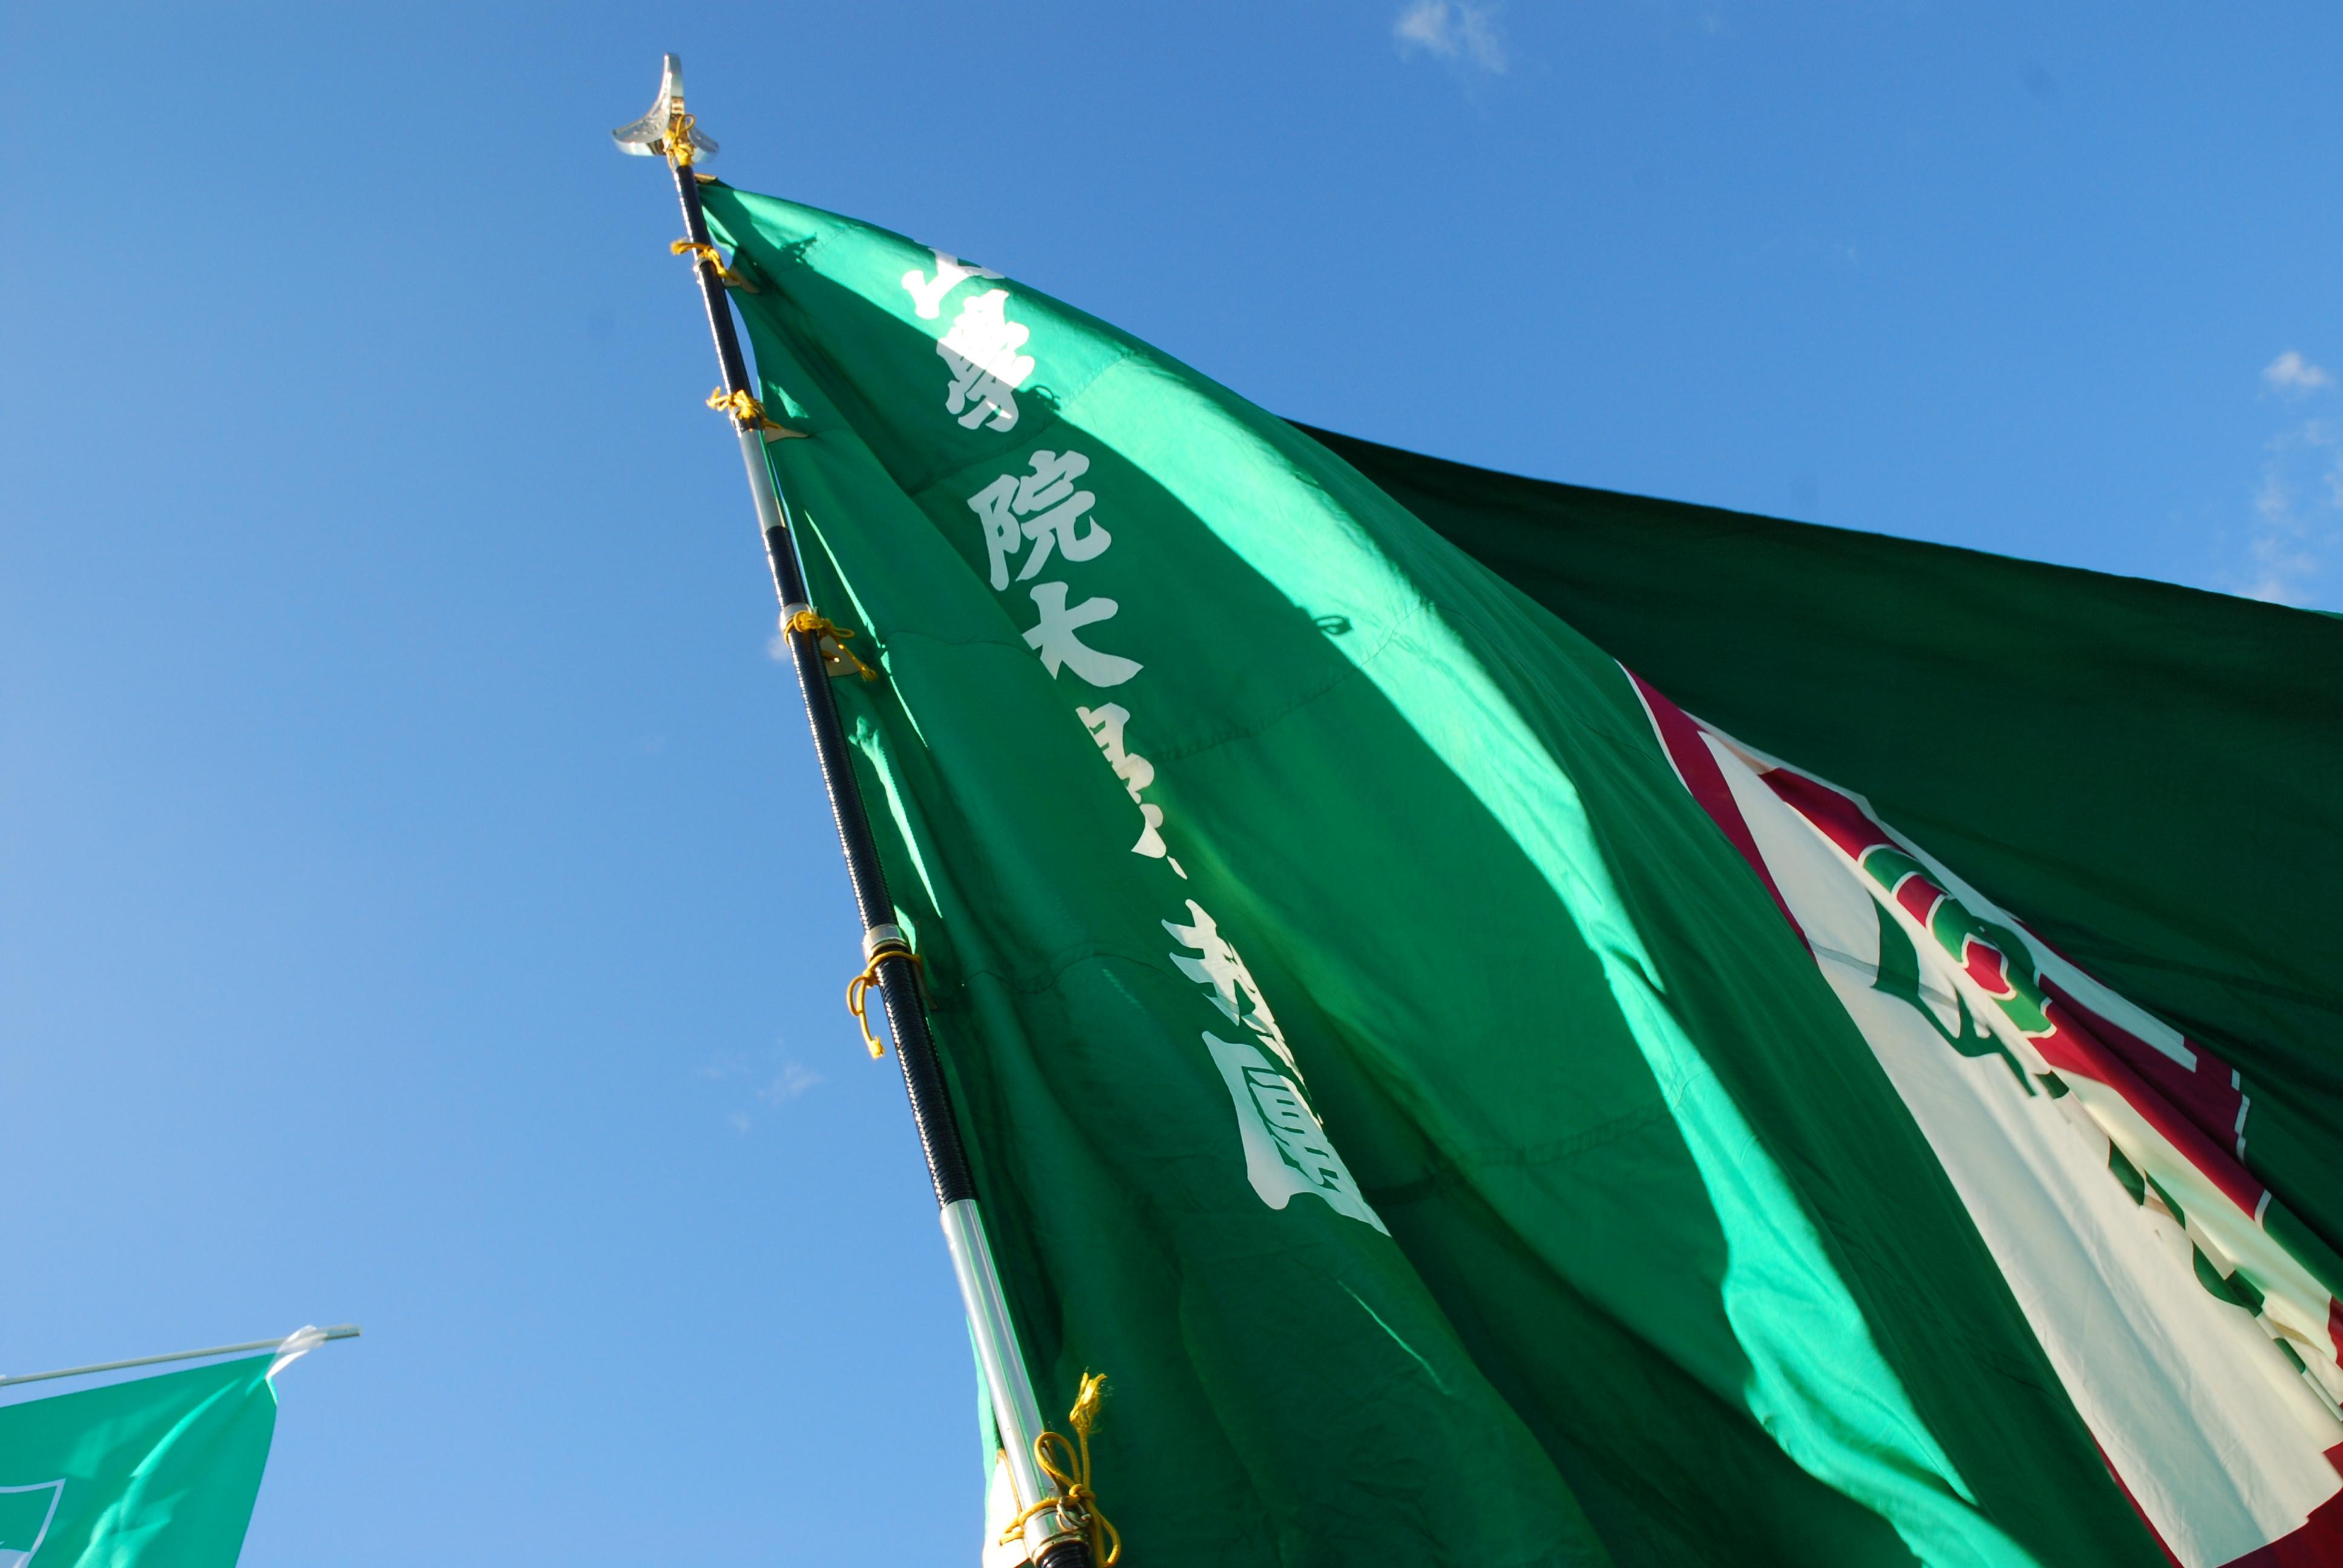 http://www.agu-ouendan.jp/images/DSC_0356.JPG